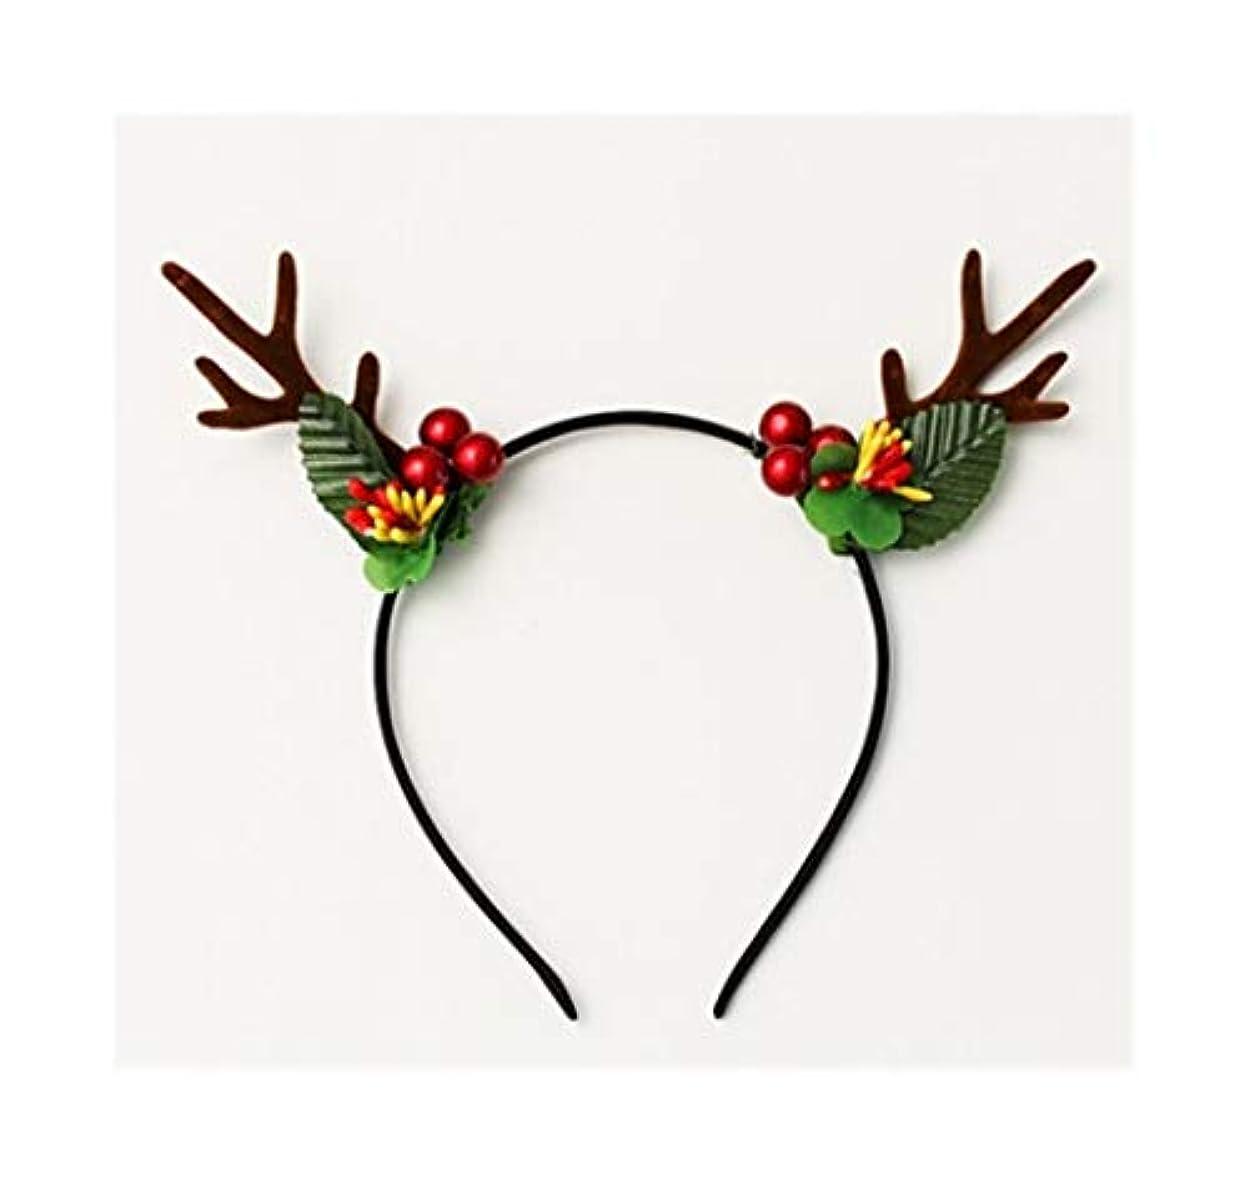 孤児一人でスーダンフルーツ枝角は、ヘッドバンドクリスマスのヘアアクセサリーは、かわいい女の子のハート鹿が女性のシンプルなの枝角ヘッドバンドヘアピン帽子 (Style : D)